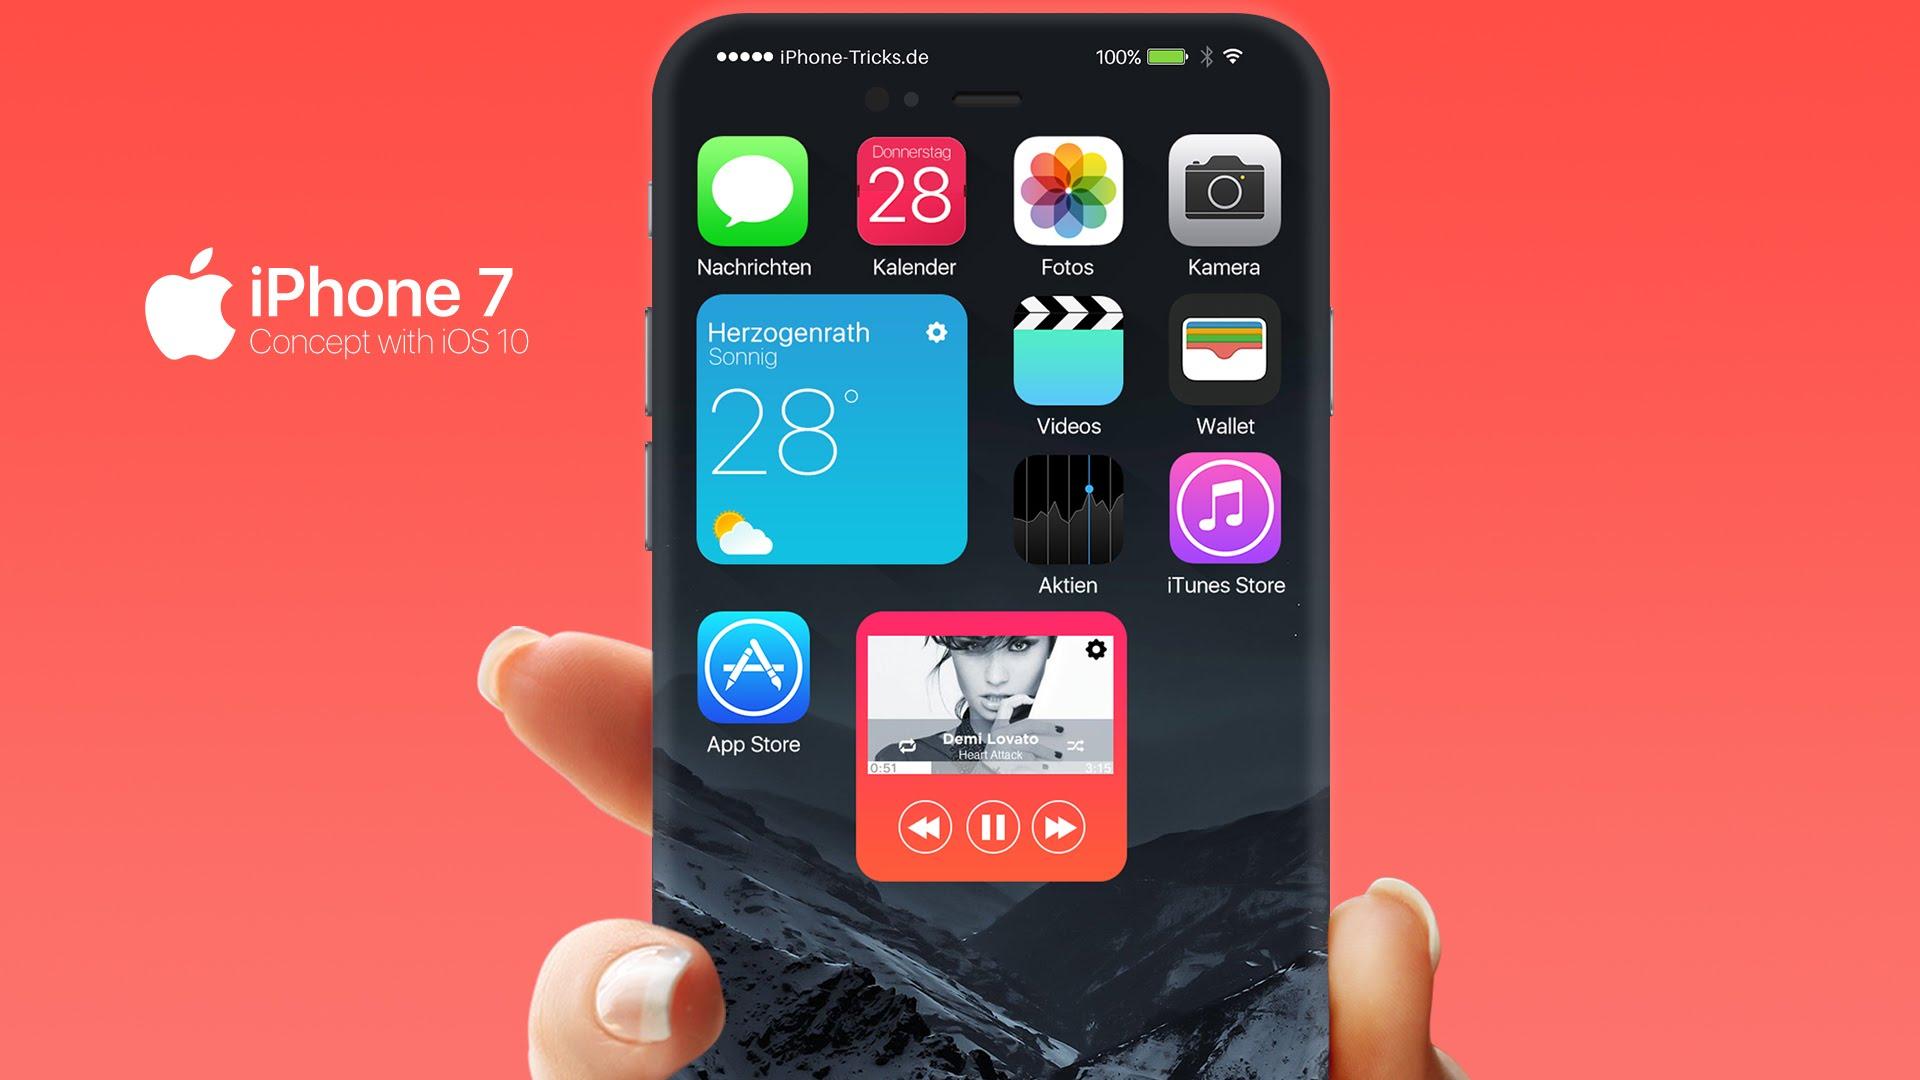 Iphone 7 video amazing concept video revealed on youtube baditri Choice Image